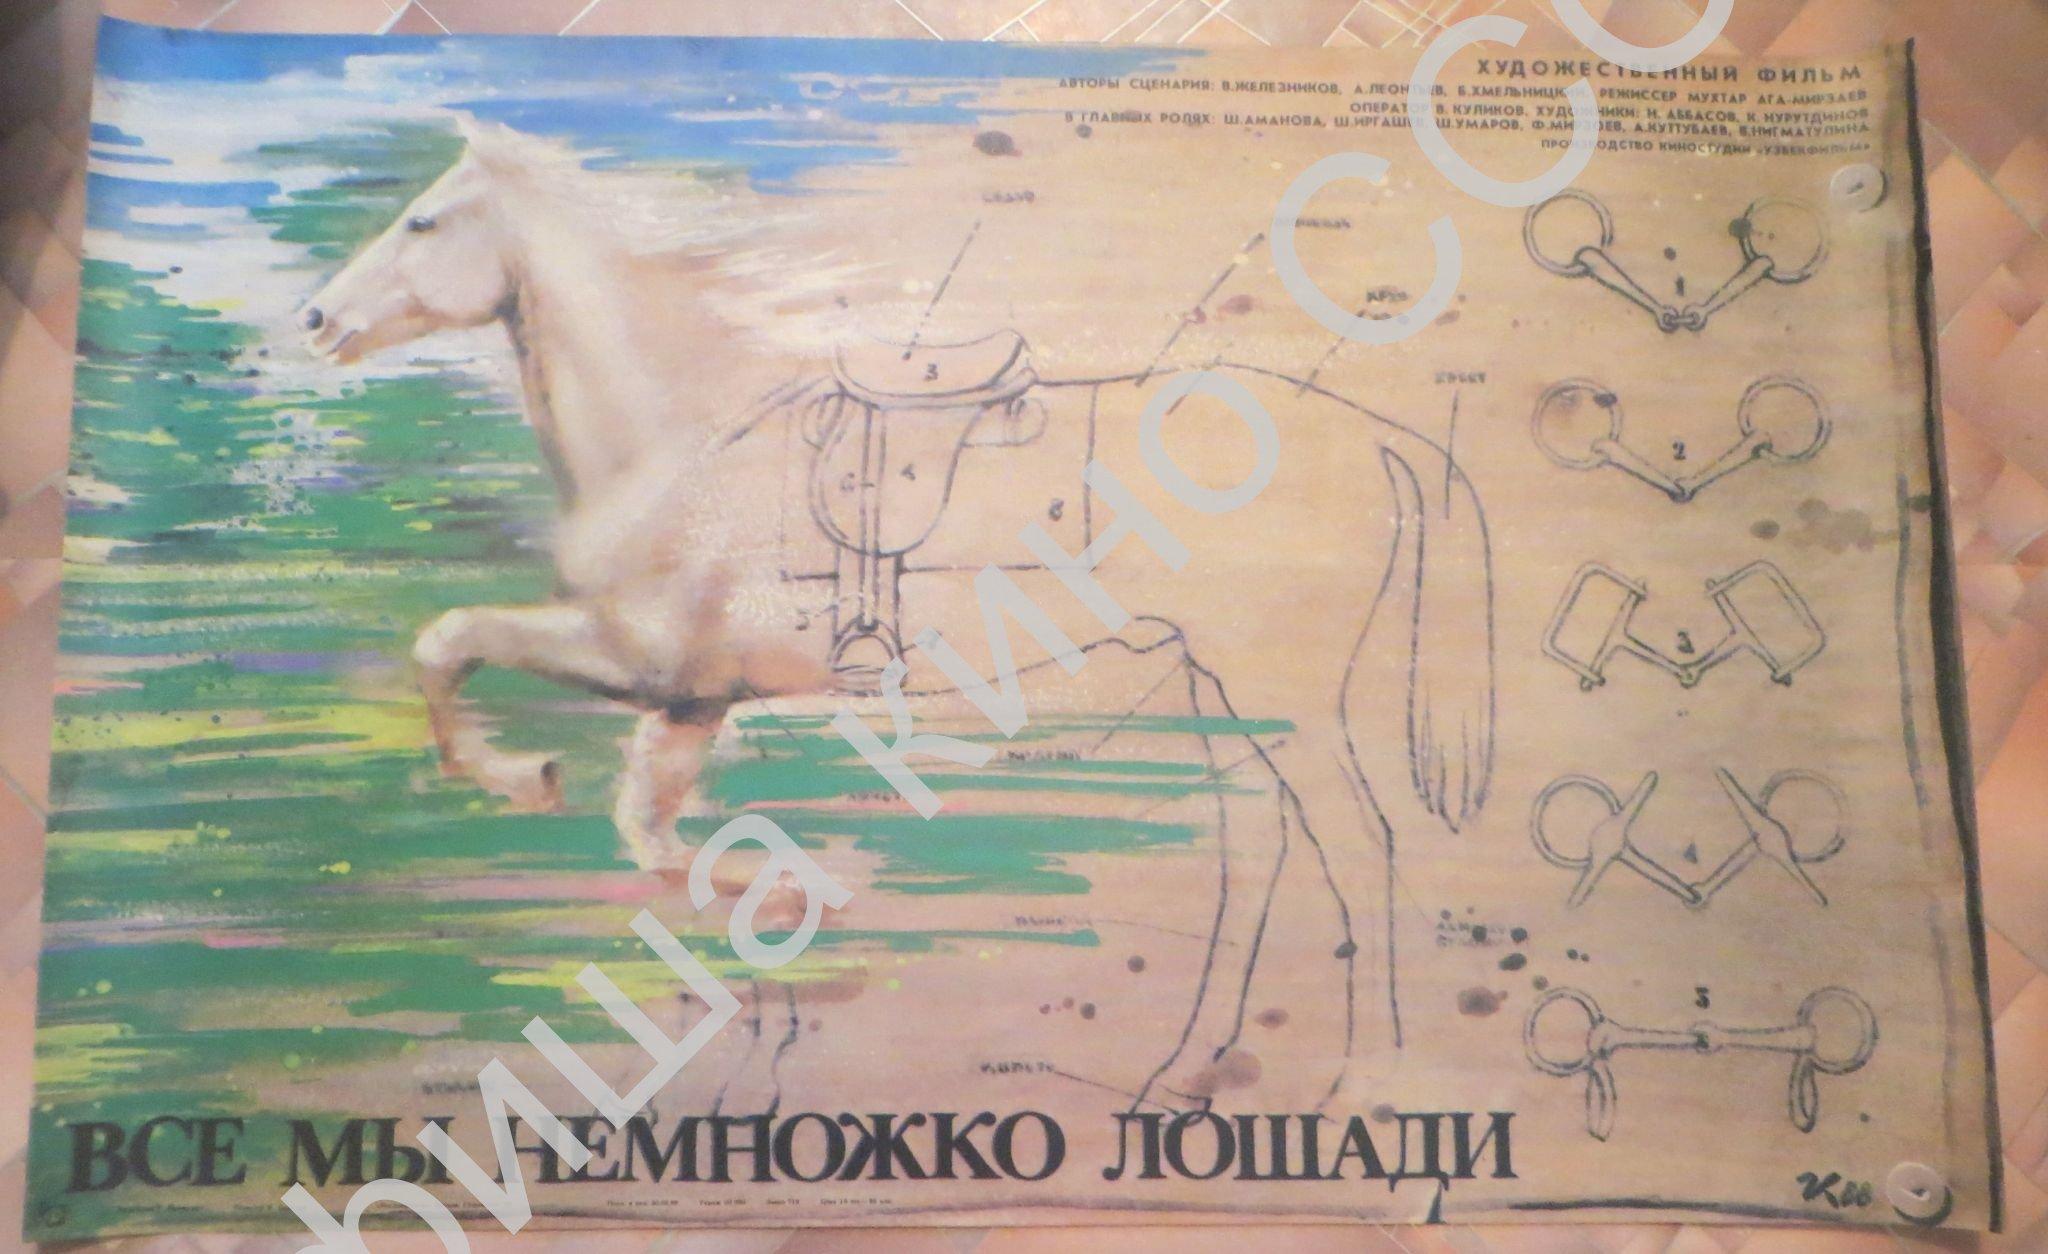 Vse my nemnozhko loshadi... ((1988))